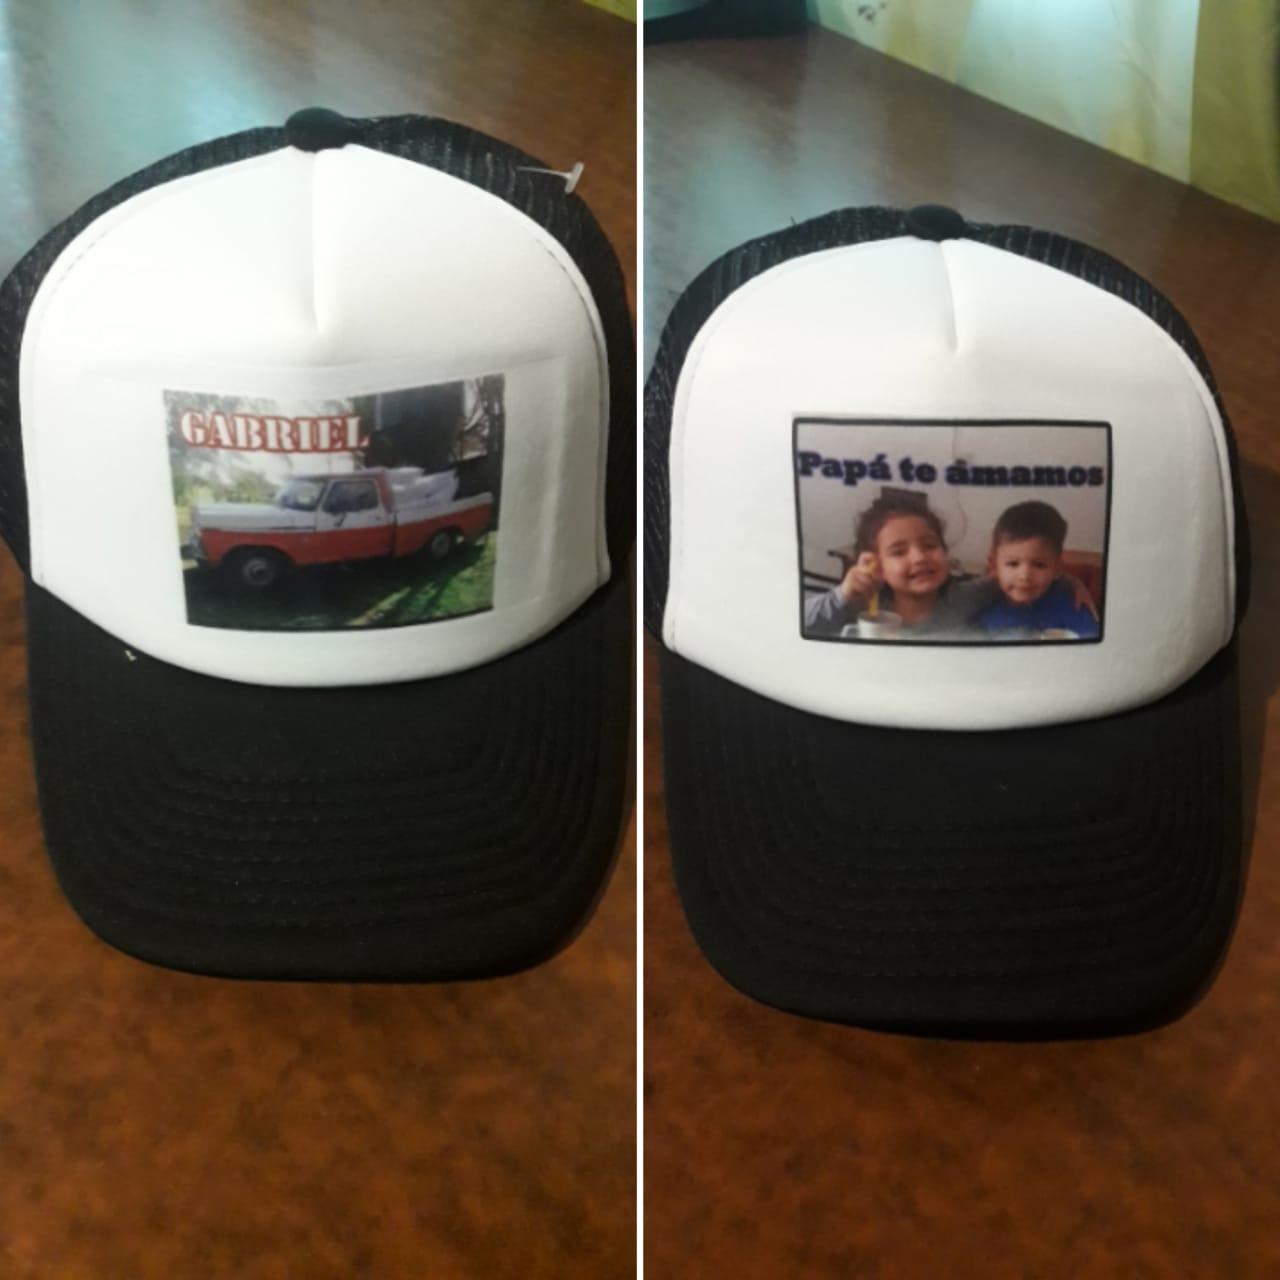 gorras personalizadas con fotos